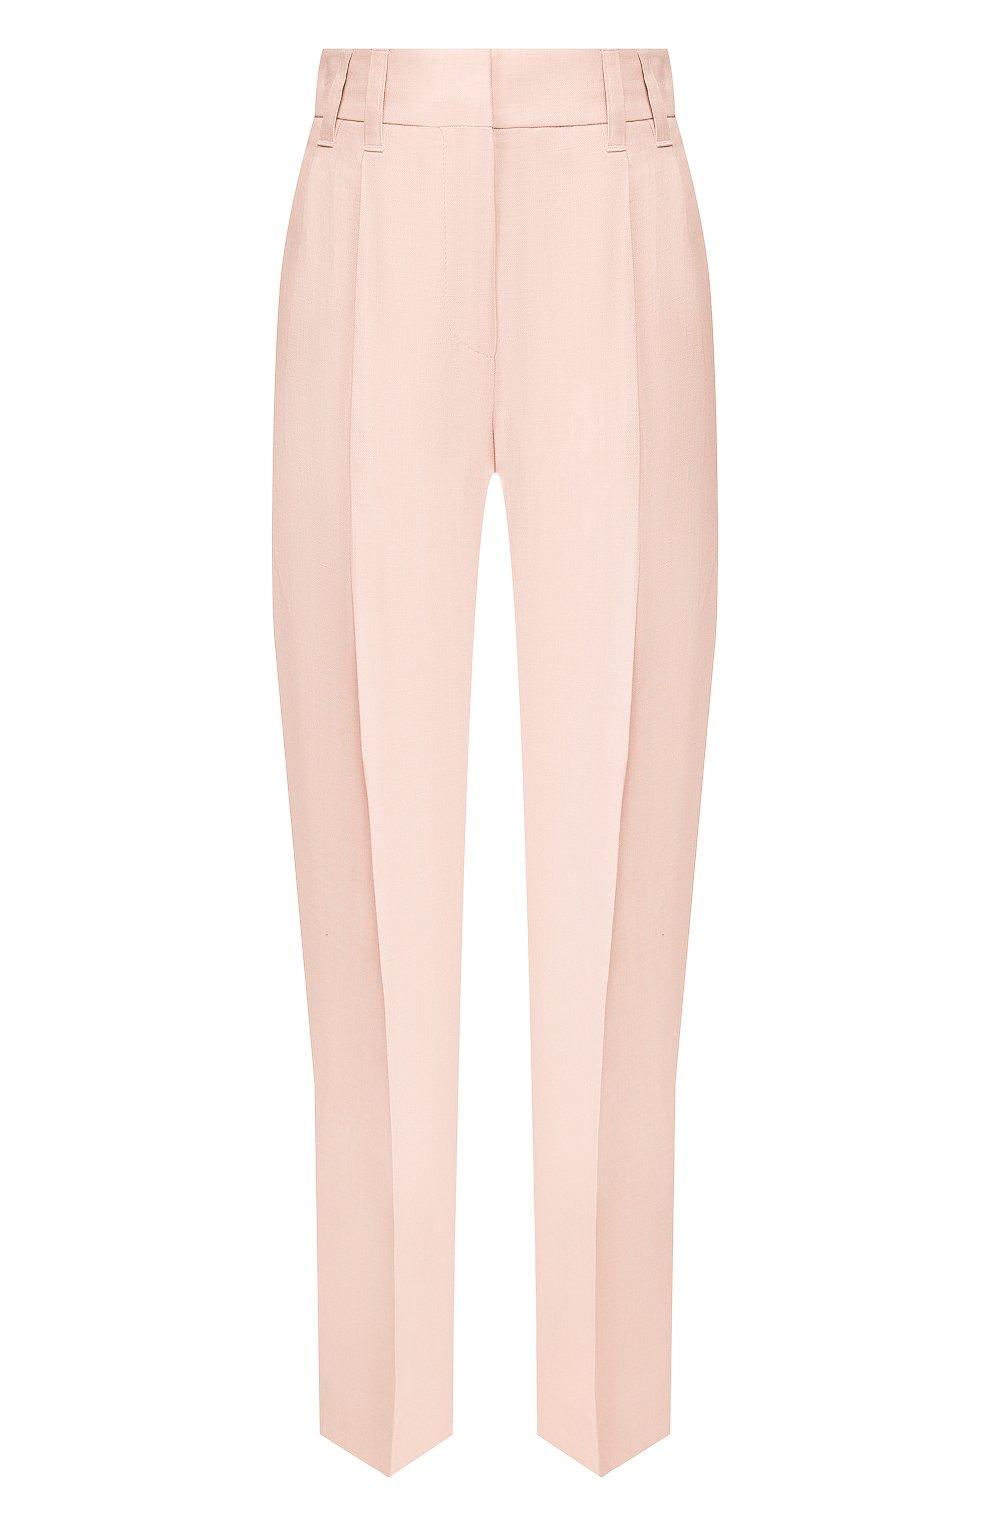 Женские розовые брюки из смеси вискозы и льна BRUNELLO CUCINELLI — купить за 69950 руб. в интернет-магазине ЦУМ, арт. MH126P7203